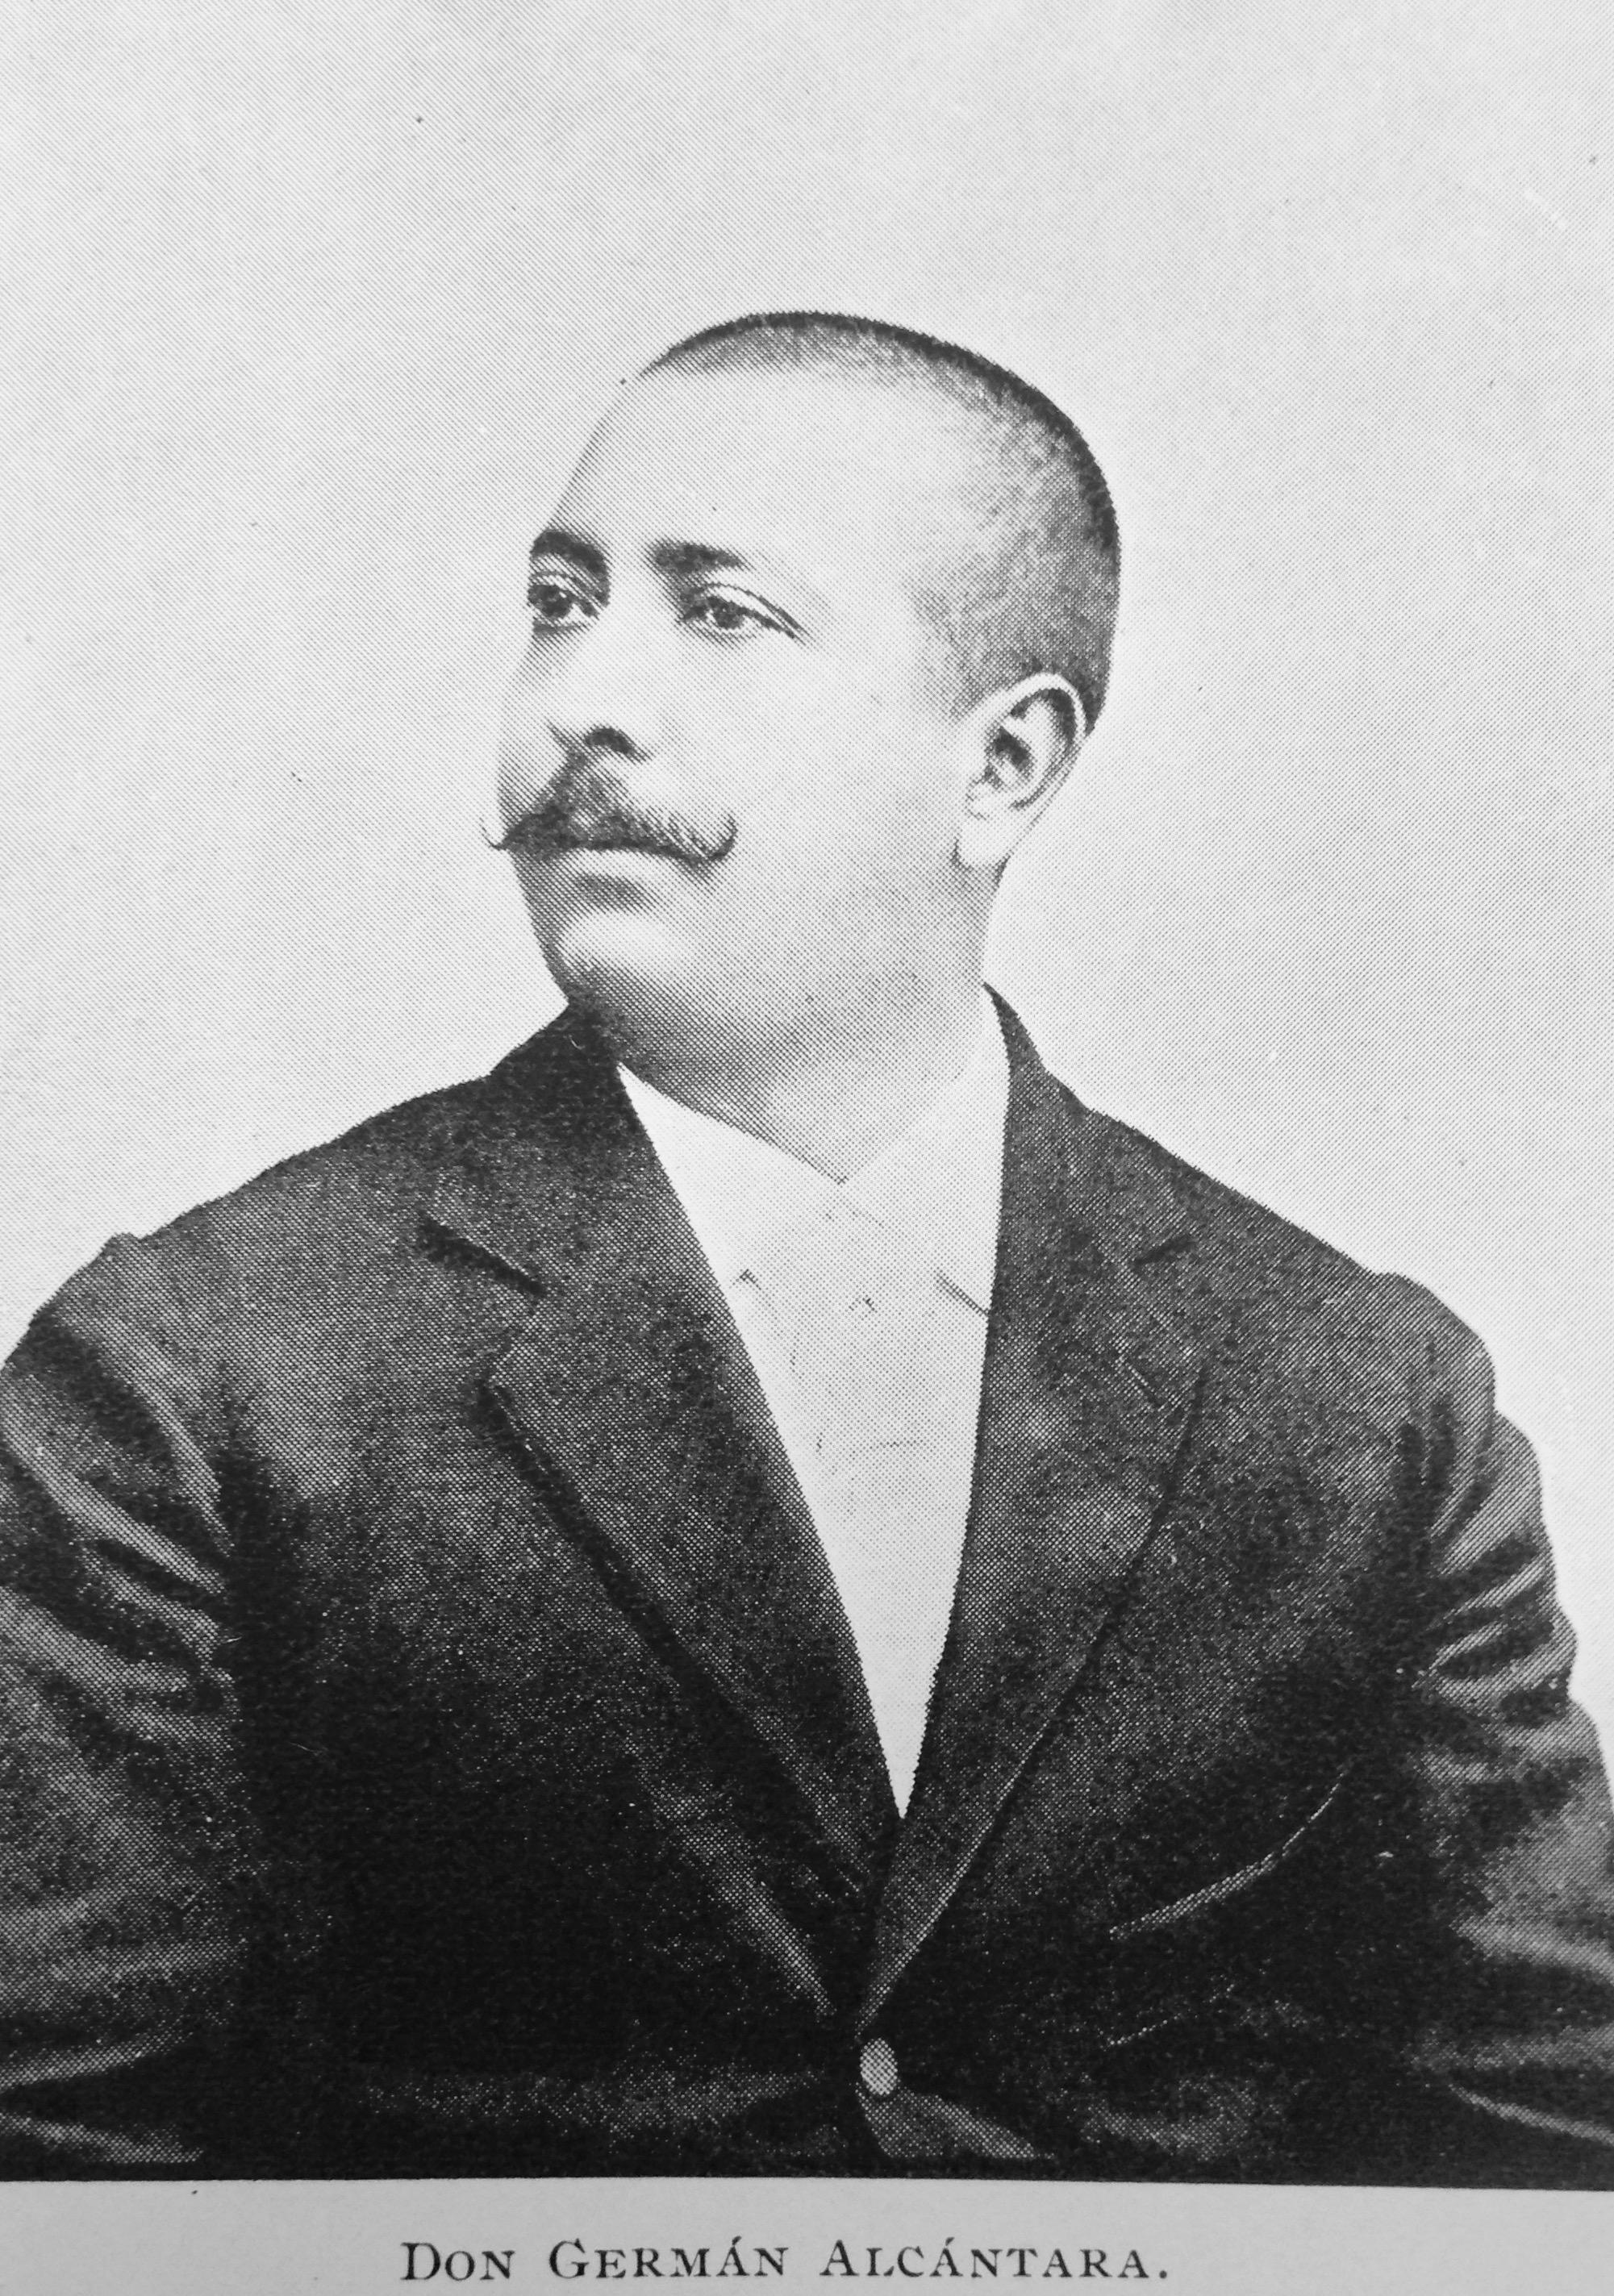 Maestro Germán Alcántara, compositor de La Flor del Café.  El Conservatorio Nacional de Música —del que fue director— lleva su nombre. Fotografía de La Ilustración del Pacífico